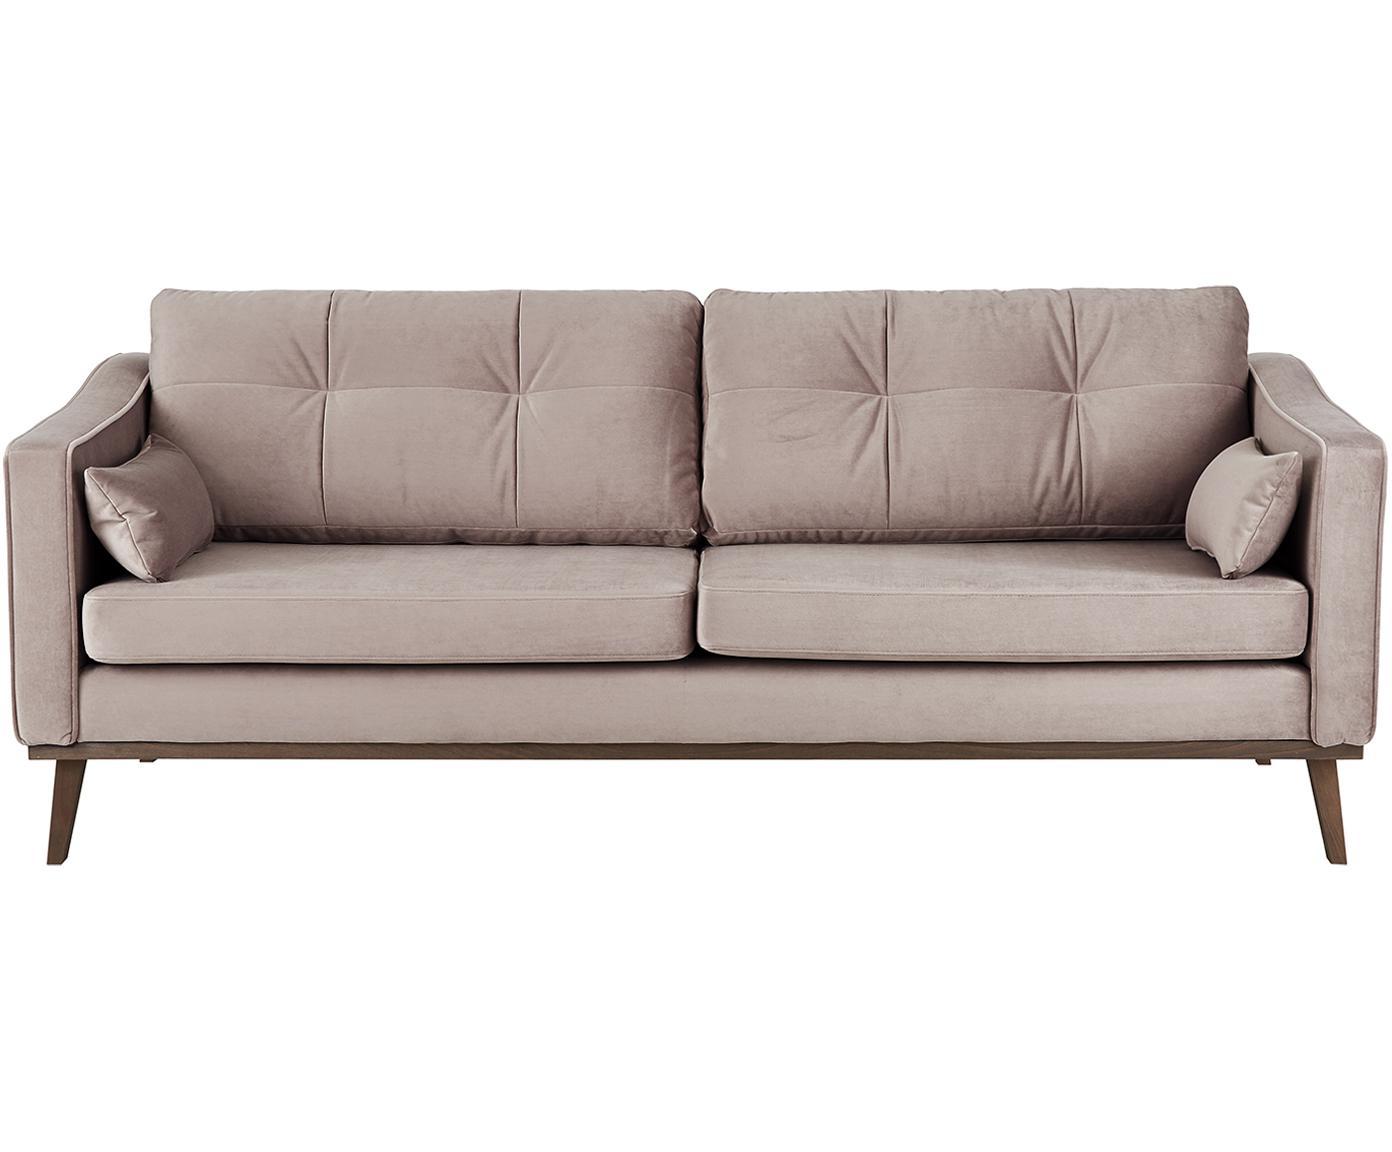 Sofa z aksamitu Alva (3-osobowa), Tapicerka: aksamit (wysokiej jakości, Stelaż: drewno sosnowe, Nogi: lite drewno bukowe, barwi, Tapicerka: taupe Nogi: drewno bukowe, bejcowane na ciemno, S 215 x G 92 cm